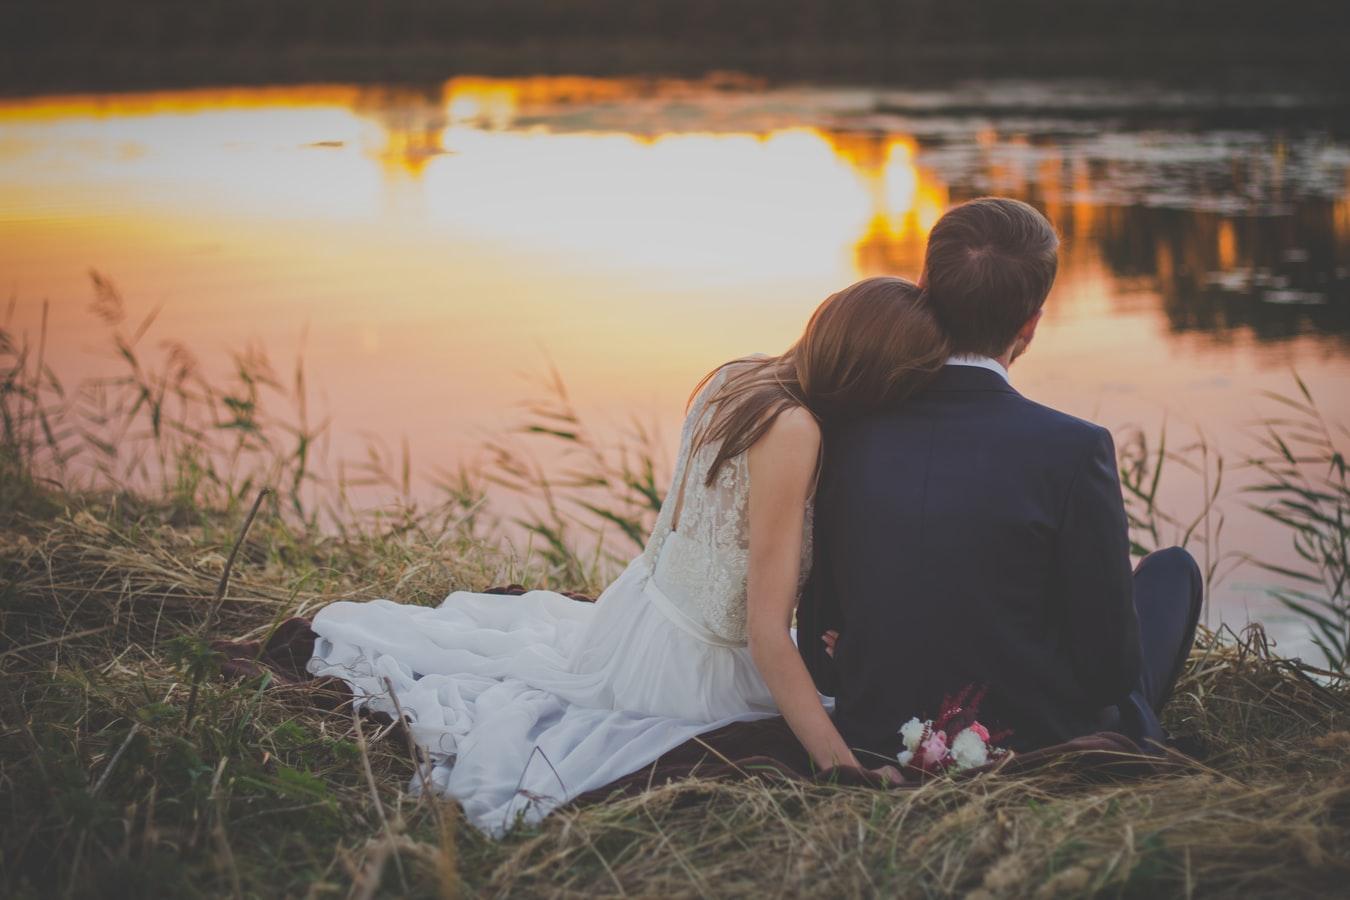 为什么结婚要穿白色婚纱?